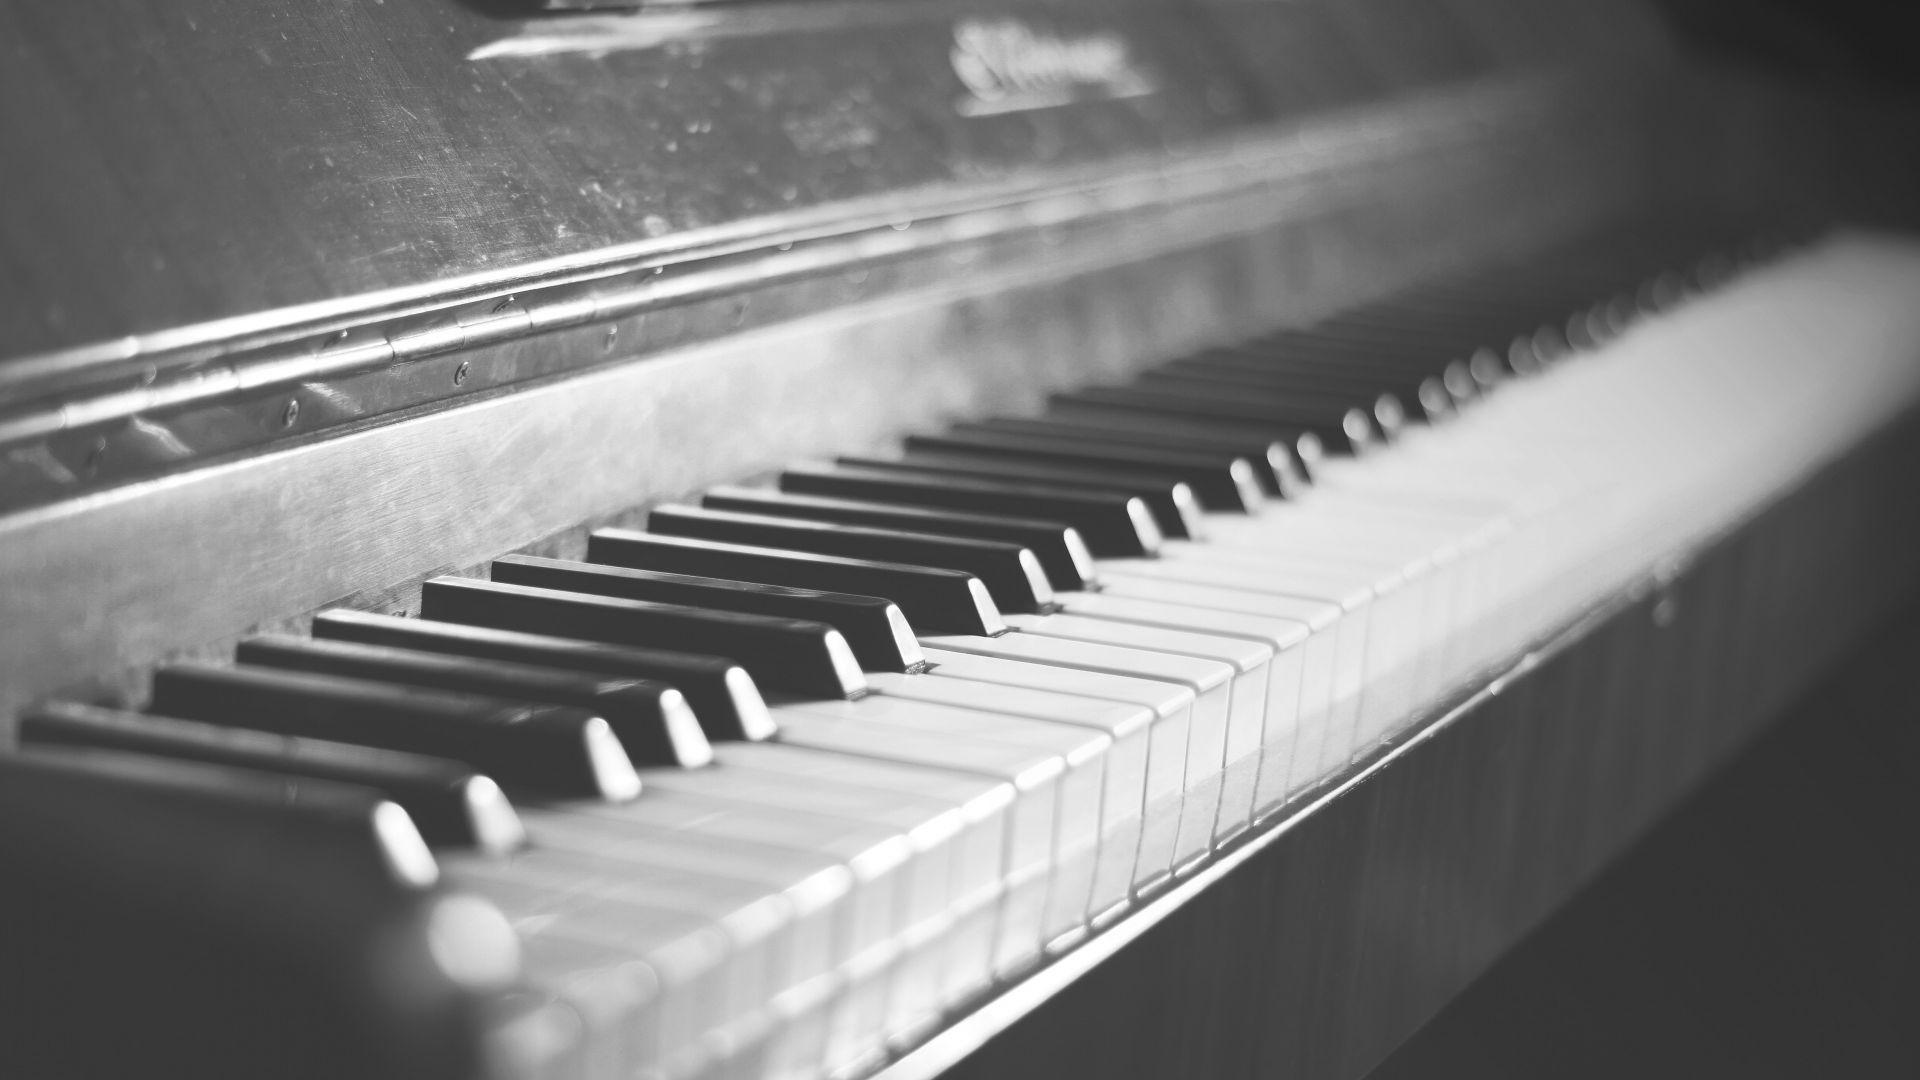 Connu Photo piano noir et blanc - 10 000 Fonds d'écran HD gratuits et de  IX82